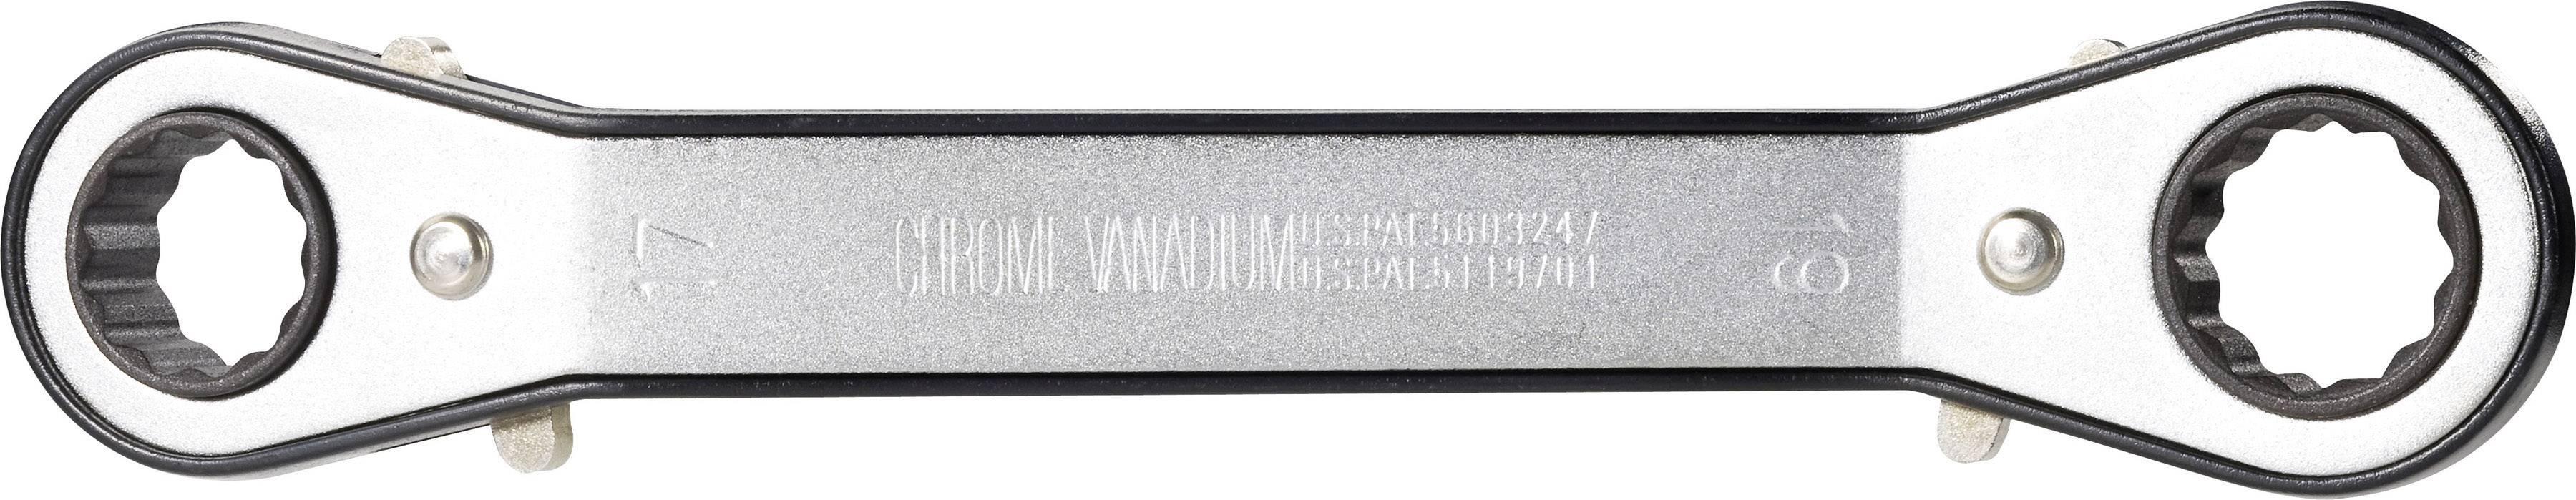 Súprava obojstranných račňových kľúčov TOOLCRAFT 814005, 6 - 19 mm, N/A, 7-dielna